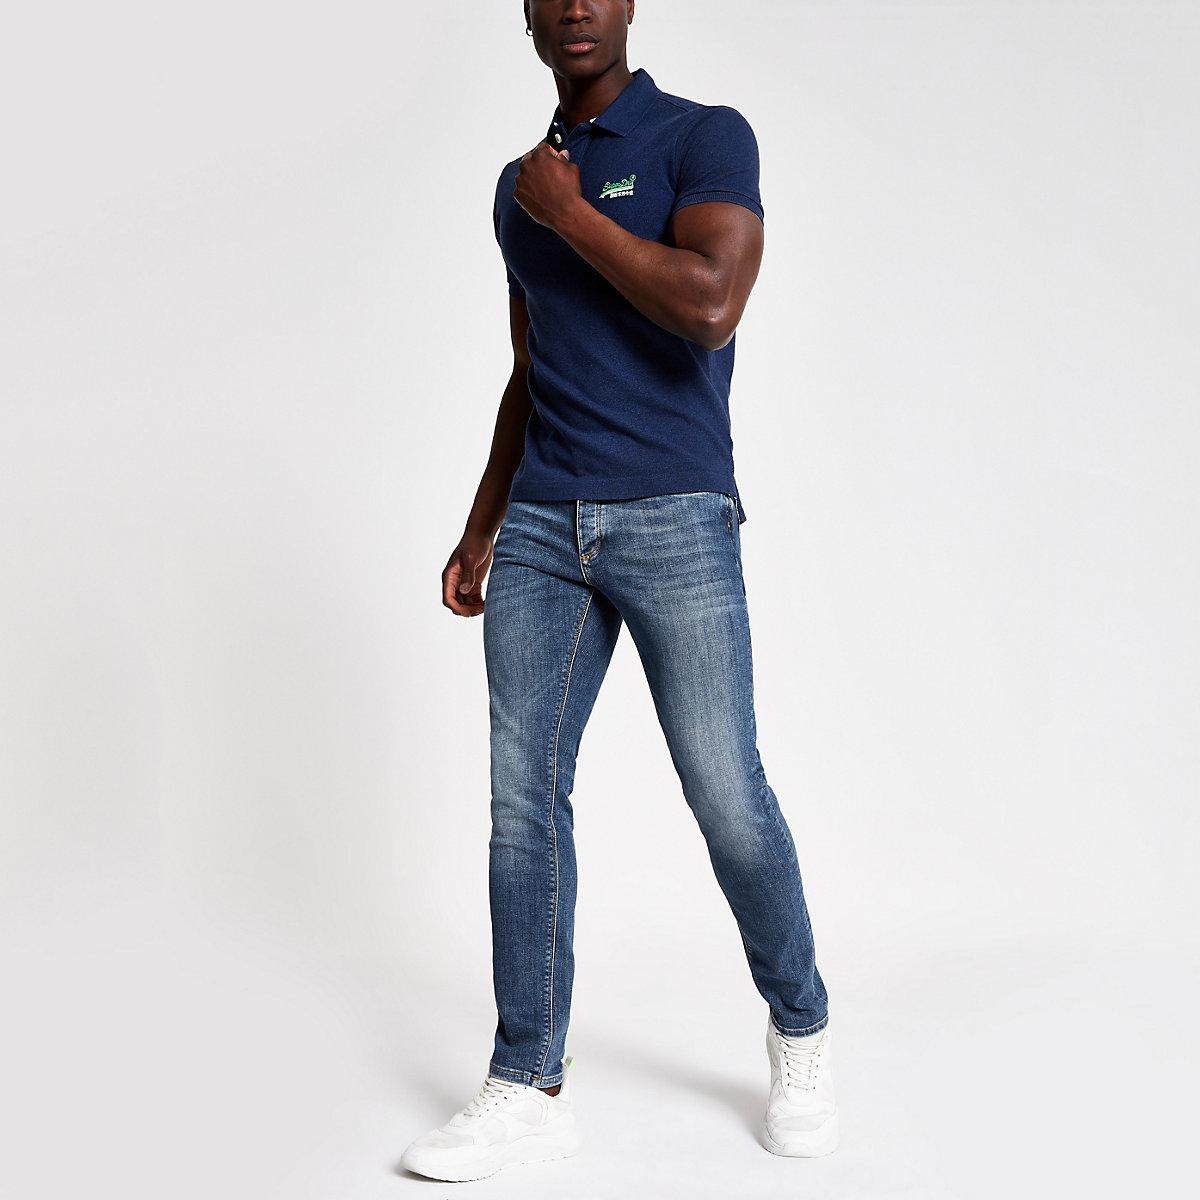 Superdry blue logo pique polo shirt - Polo Shirts - men aa3292d9d7f44